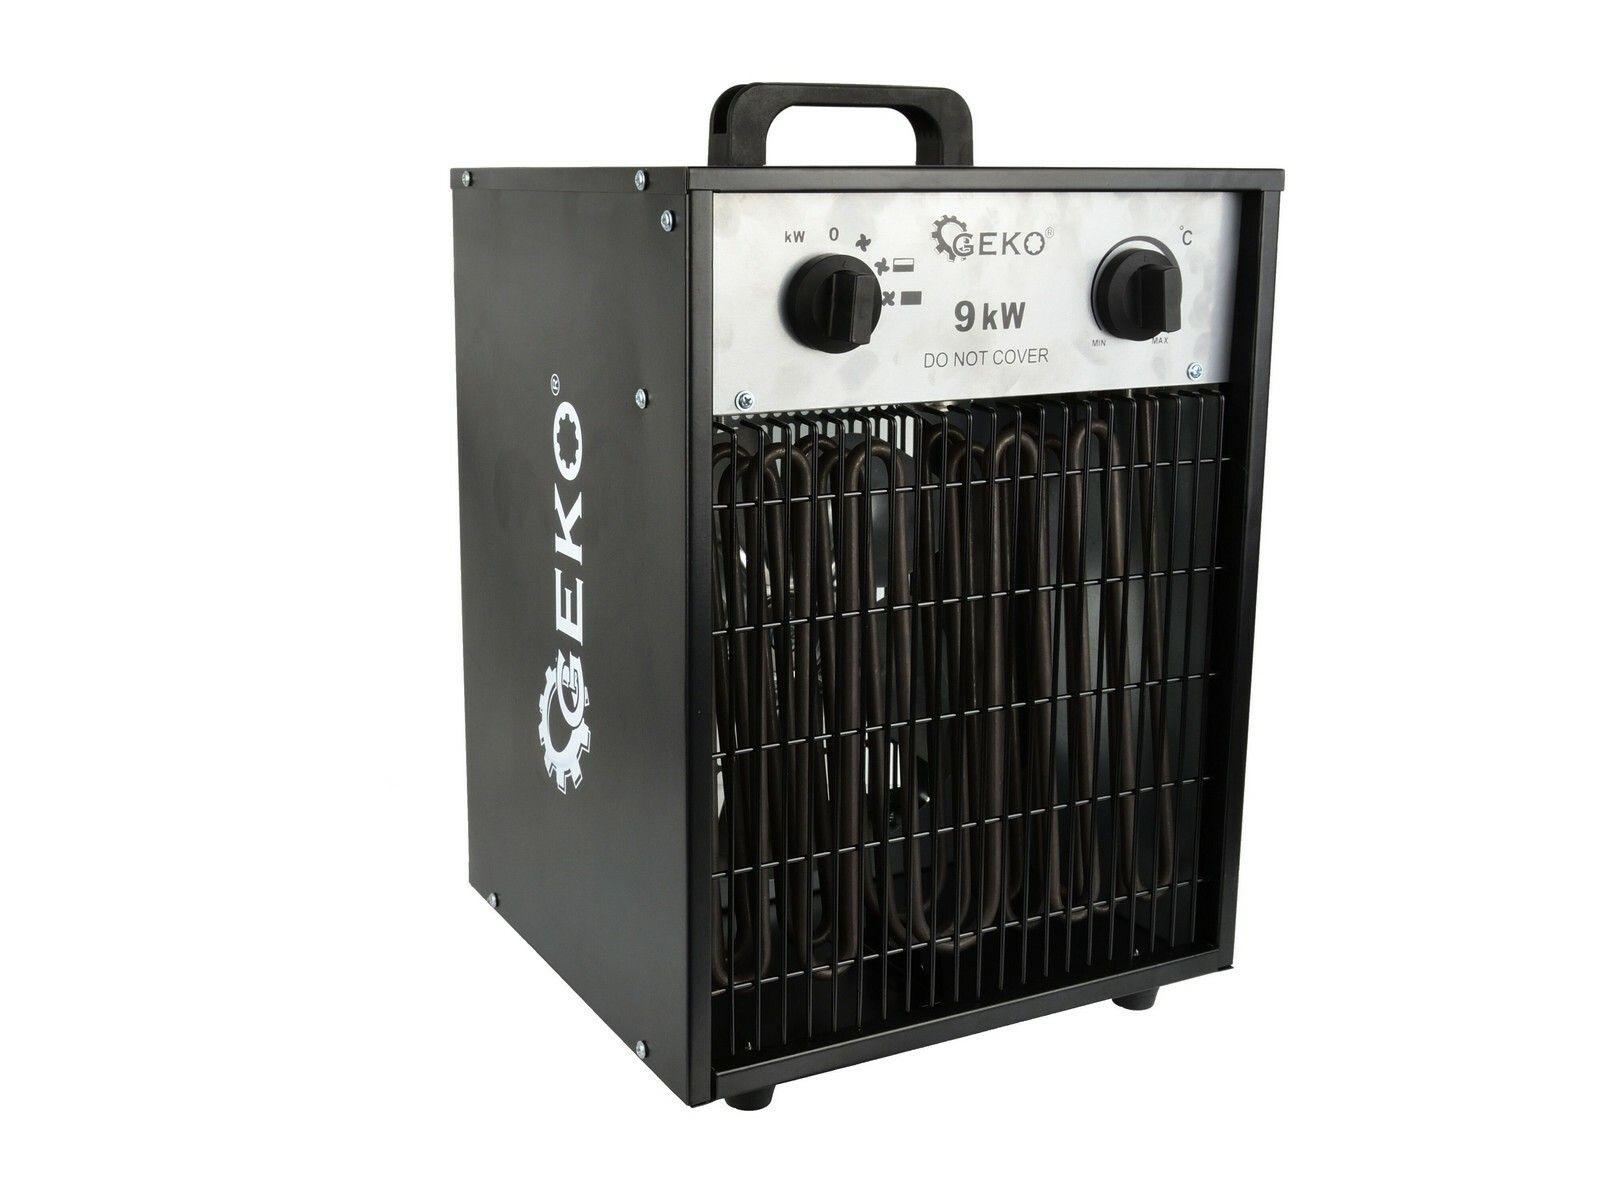 GEKO G80404 Elektrický ohřívač vzduchu s ventilátorem 9kW